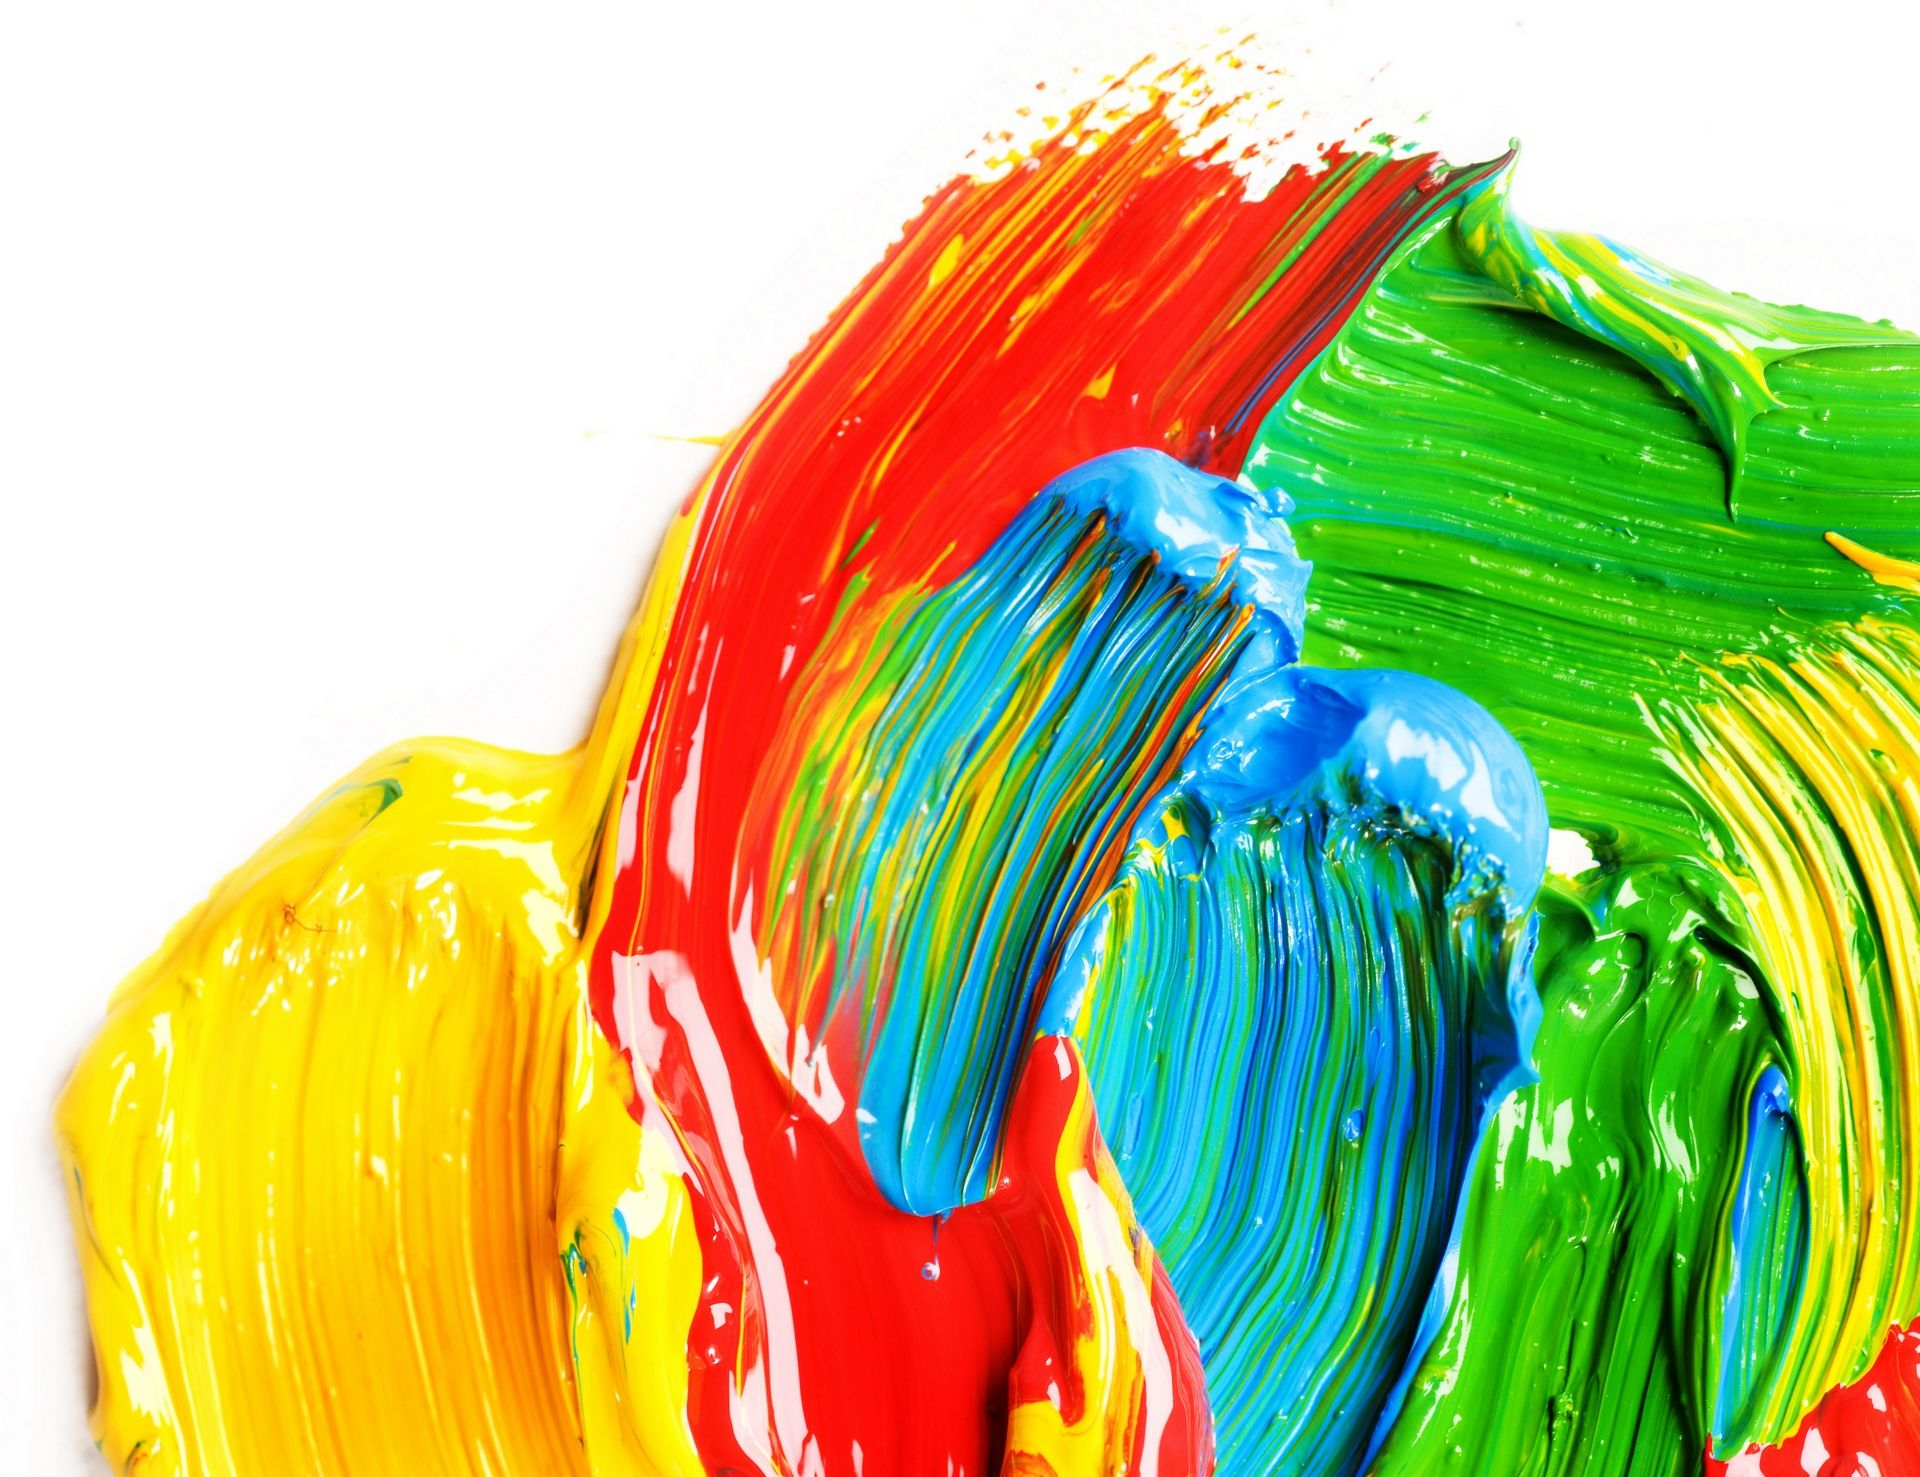 Color Paint colourful - google search | colour | pinterest | vivid colors, hd